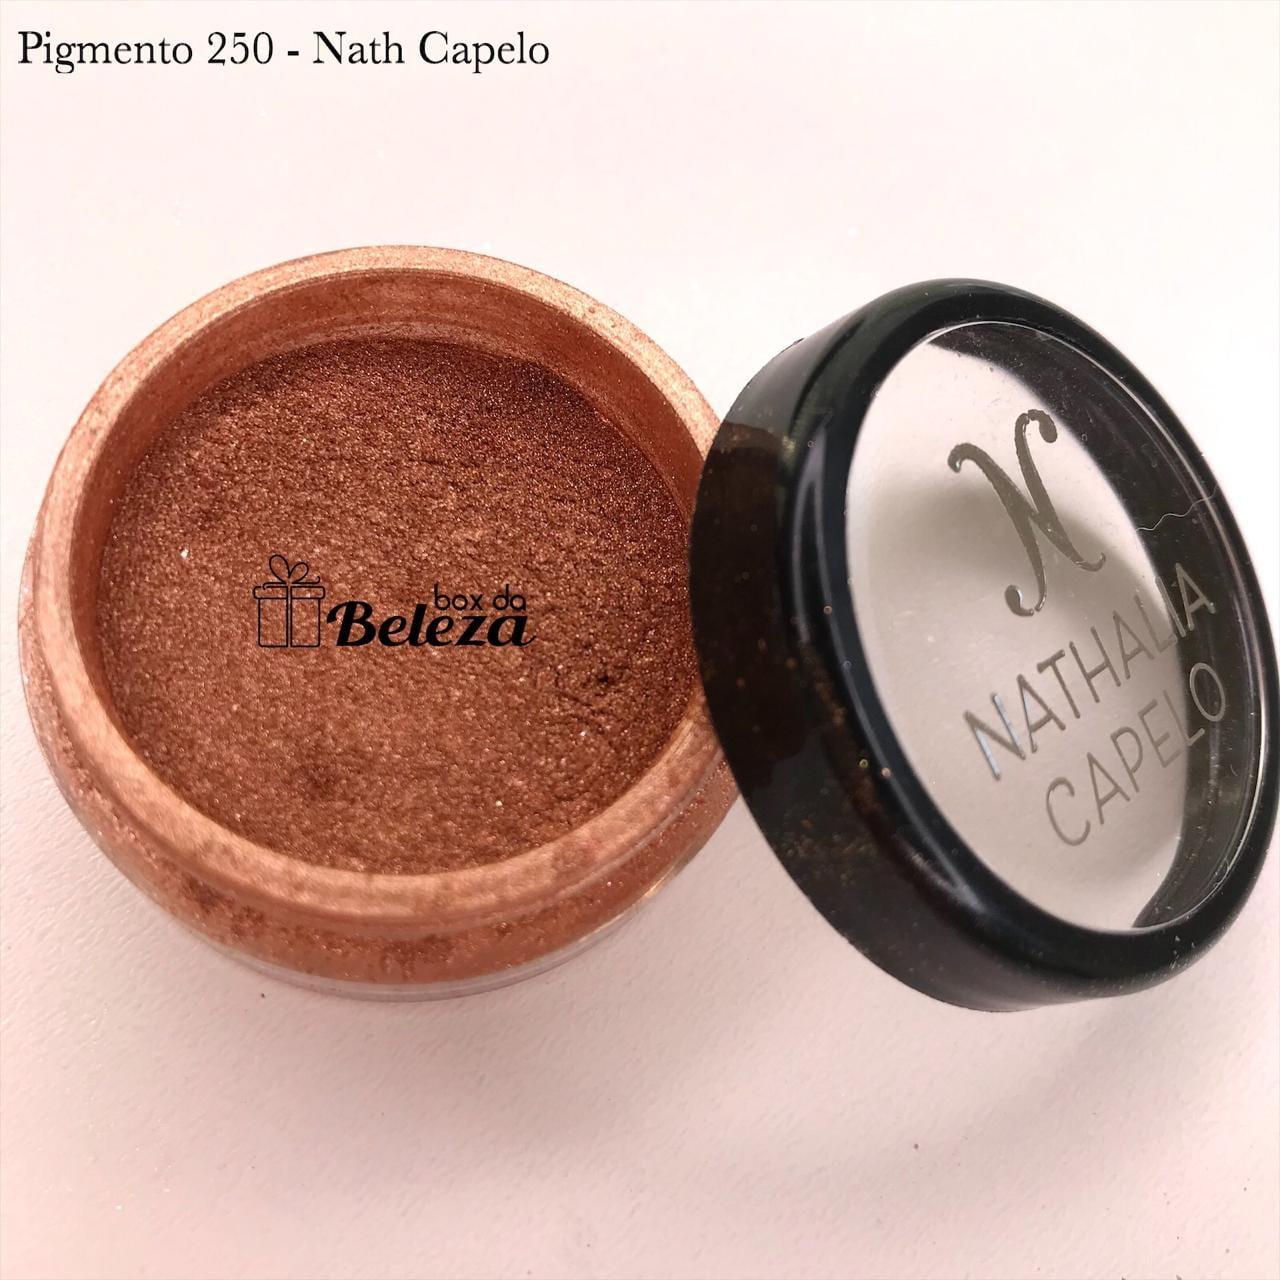 PIGMENTO 250 - NATH CAPELO